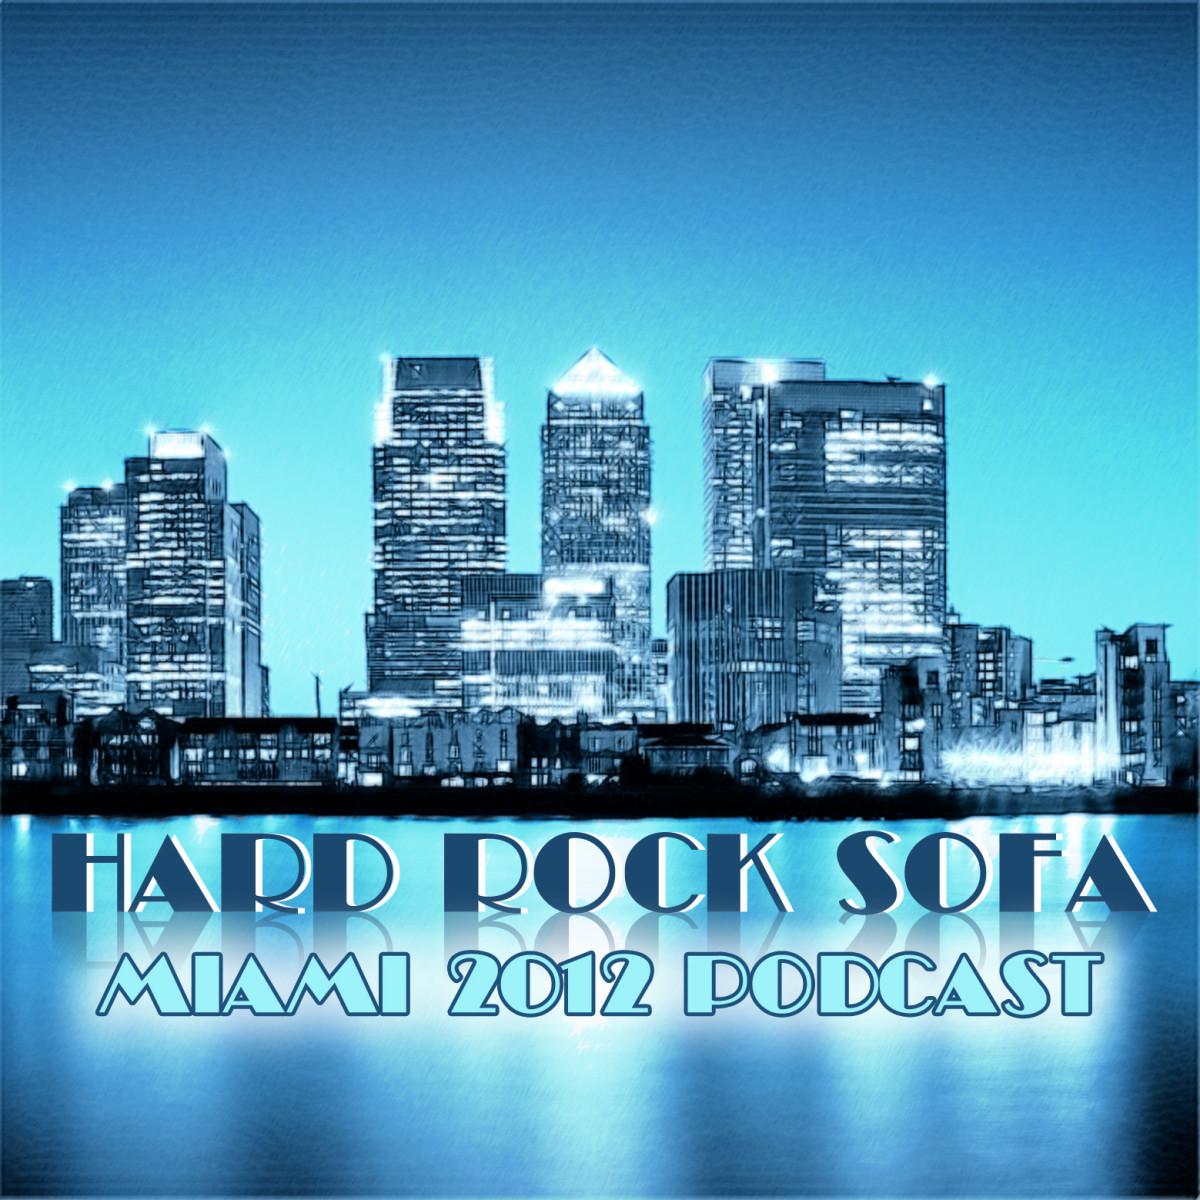 miami_2012_podcast